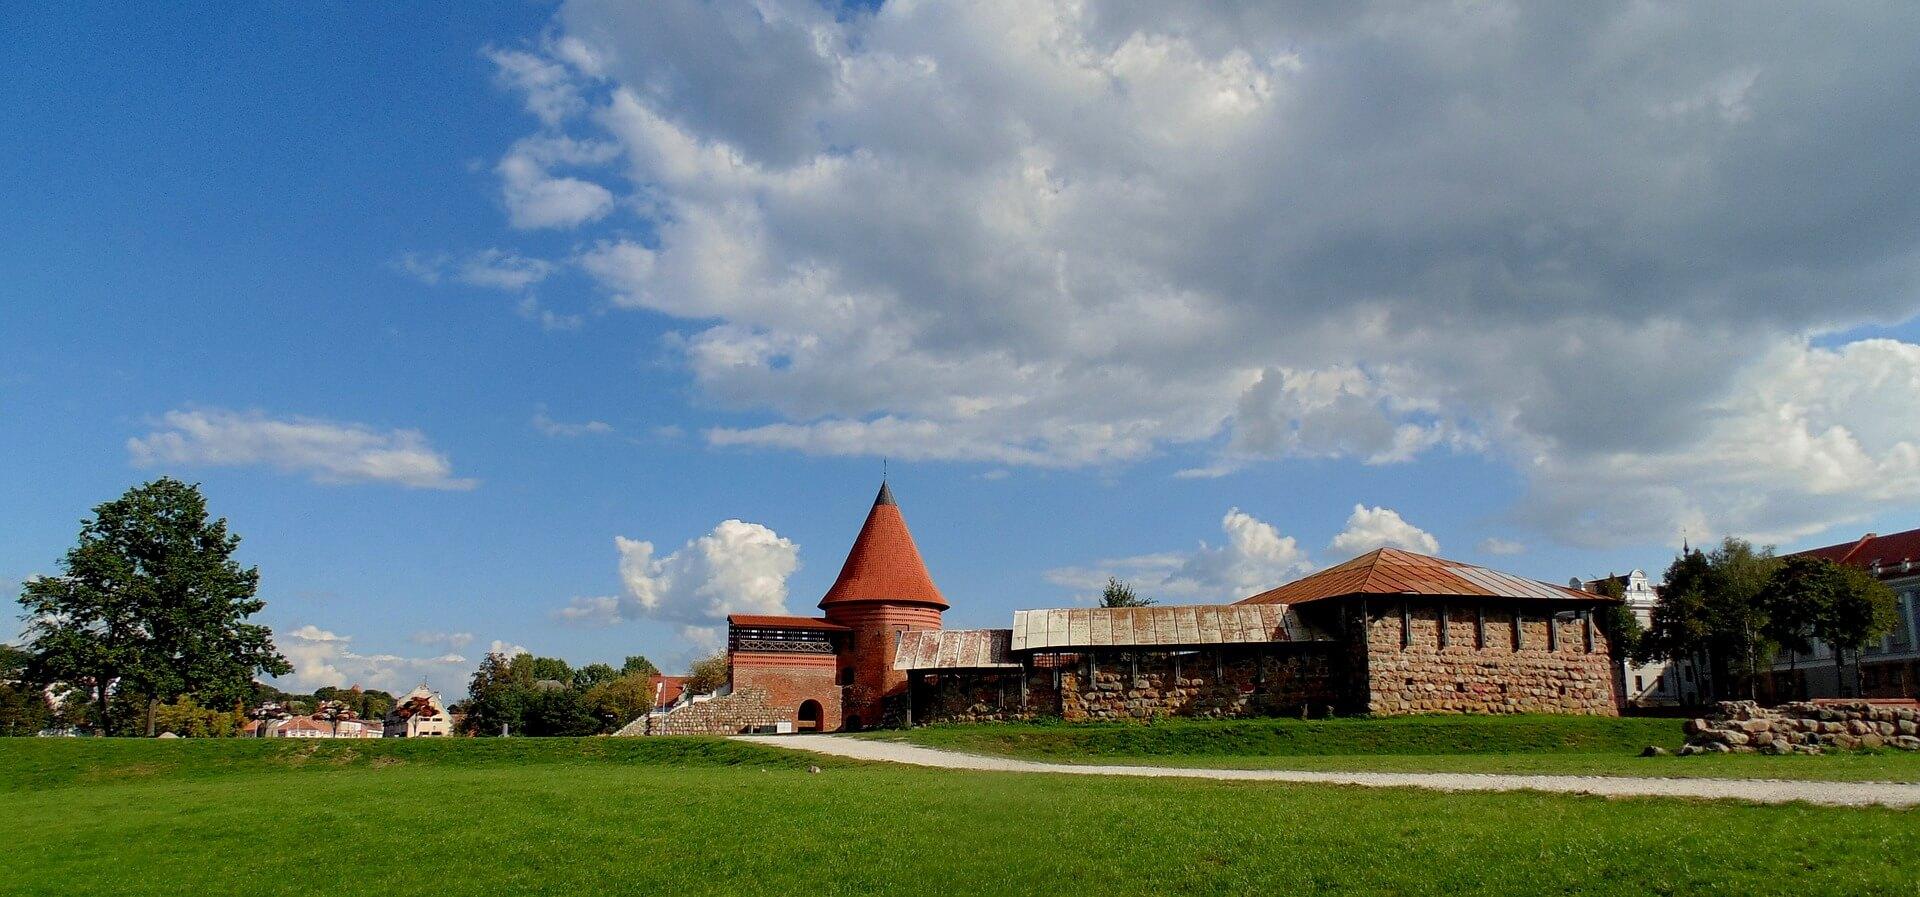 Direktflüge und Billigflüge ab Memmingen nach Kaunas